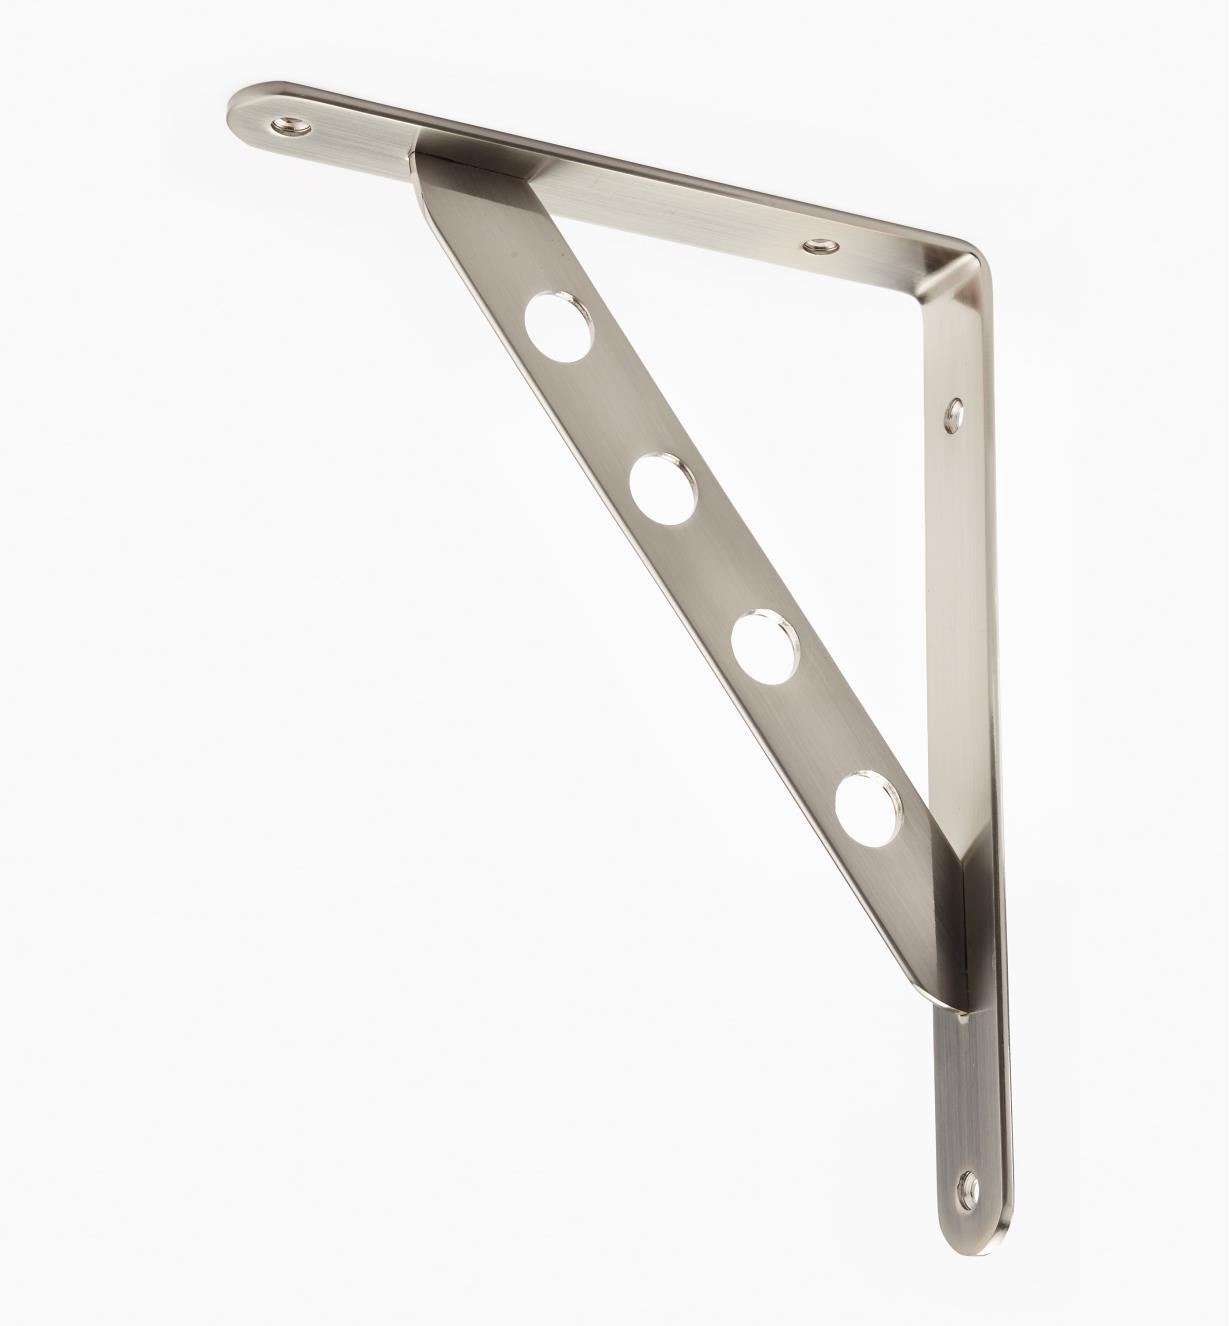 00S0650 - Console droite en acier, nickel brossé, 93/4po × 73/4po, l'unité